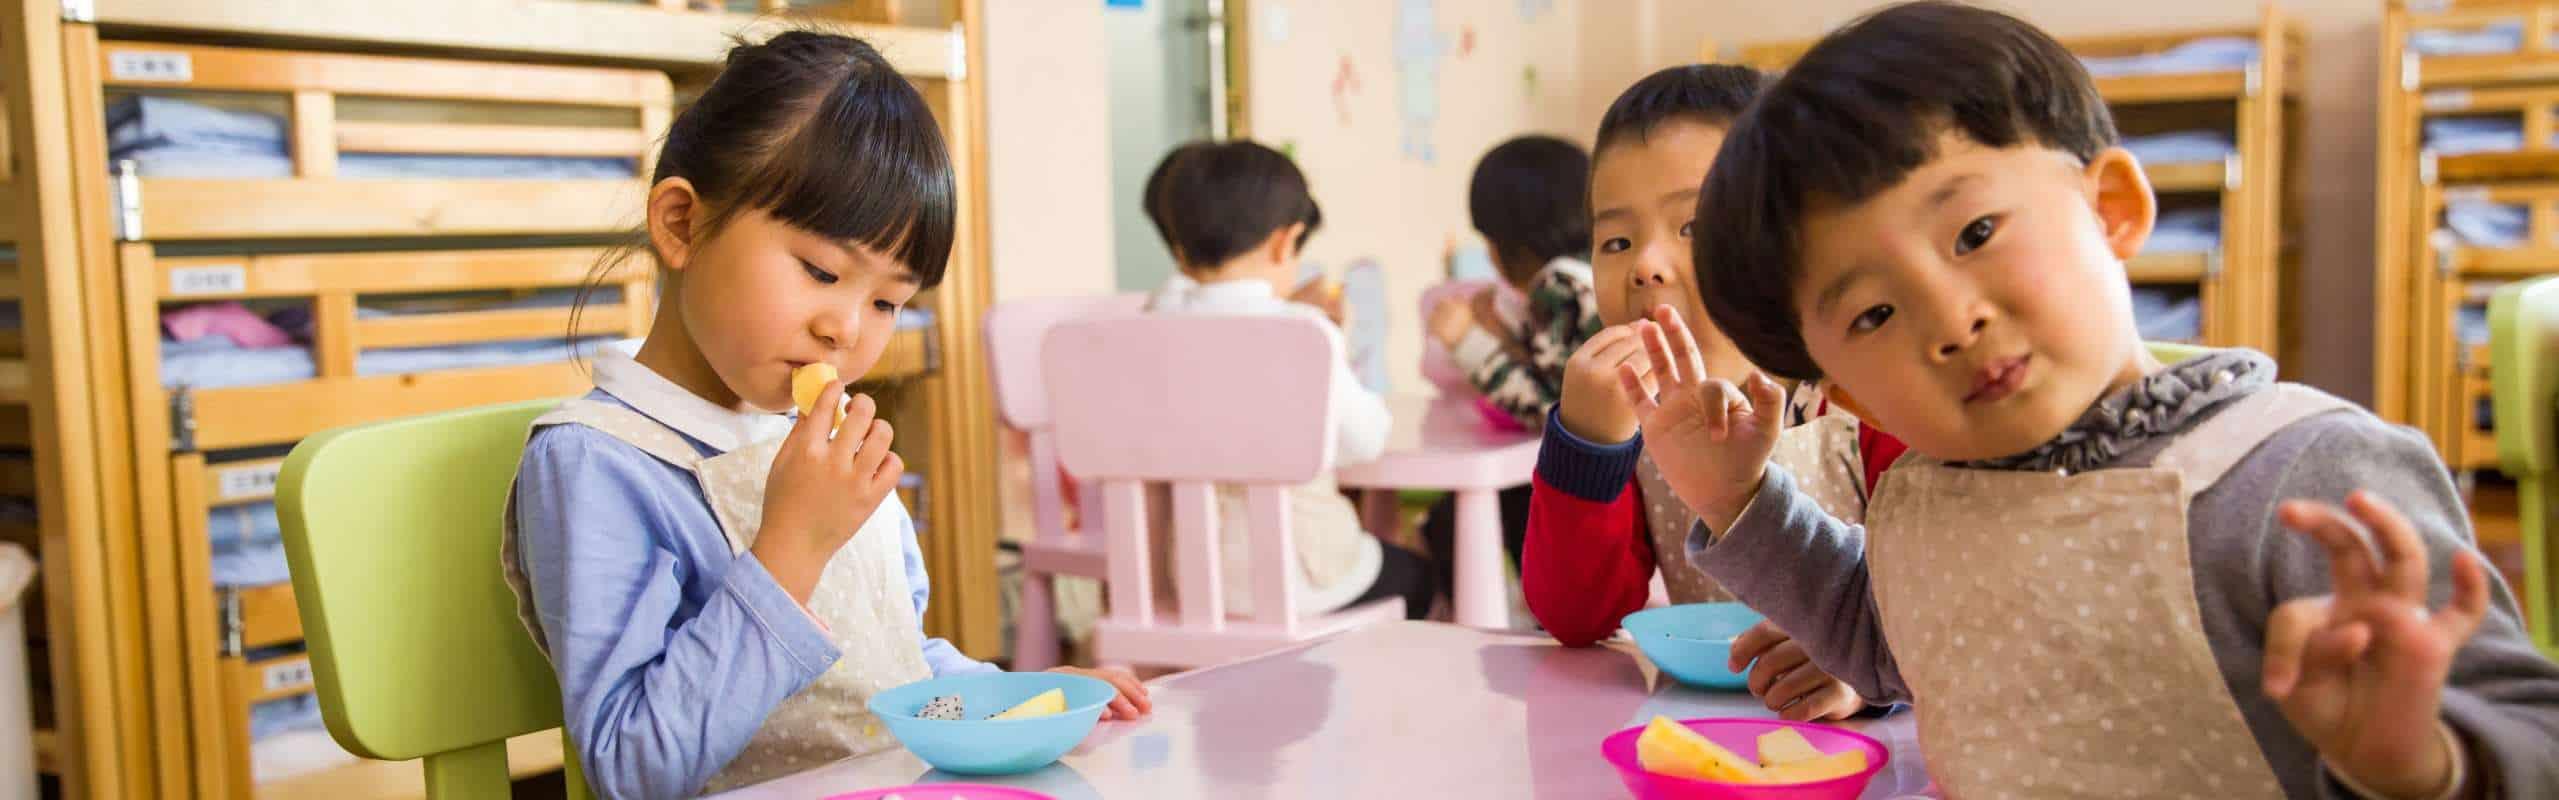 las recetas que más gustan a los niños para comer meriendas saludables